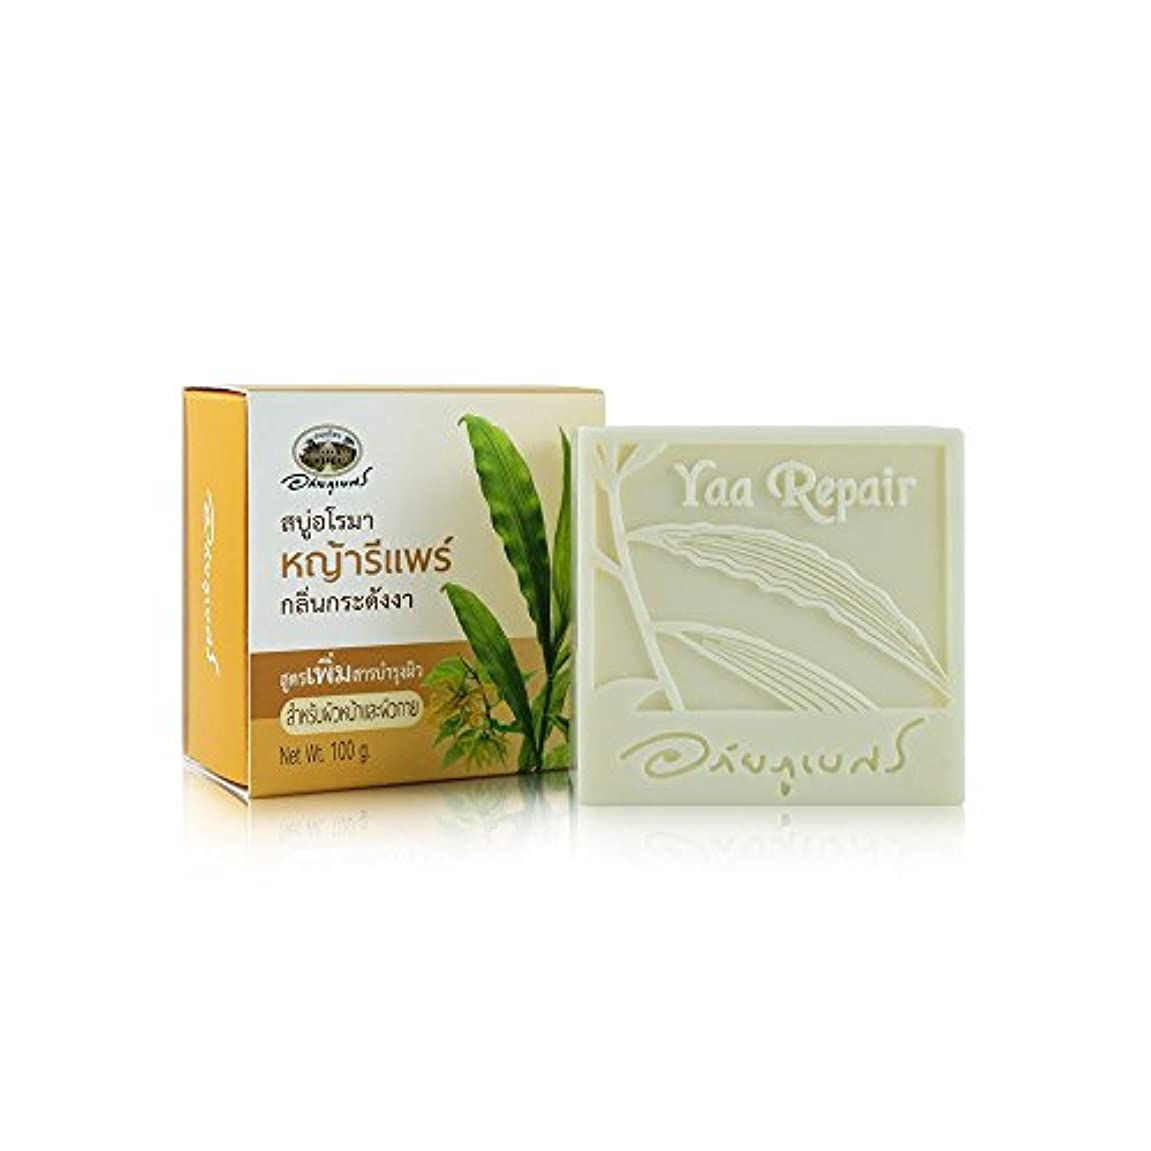 歴史的ぬるい蒸気Abhaibhubejhr Thai Aromatherapy With Ylang Ylang Skin Care Formula Herbal Body Face Cleaning Soap 100g.